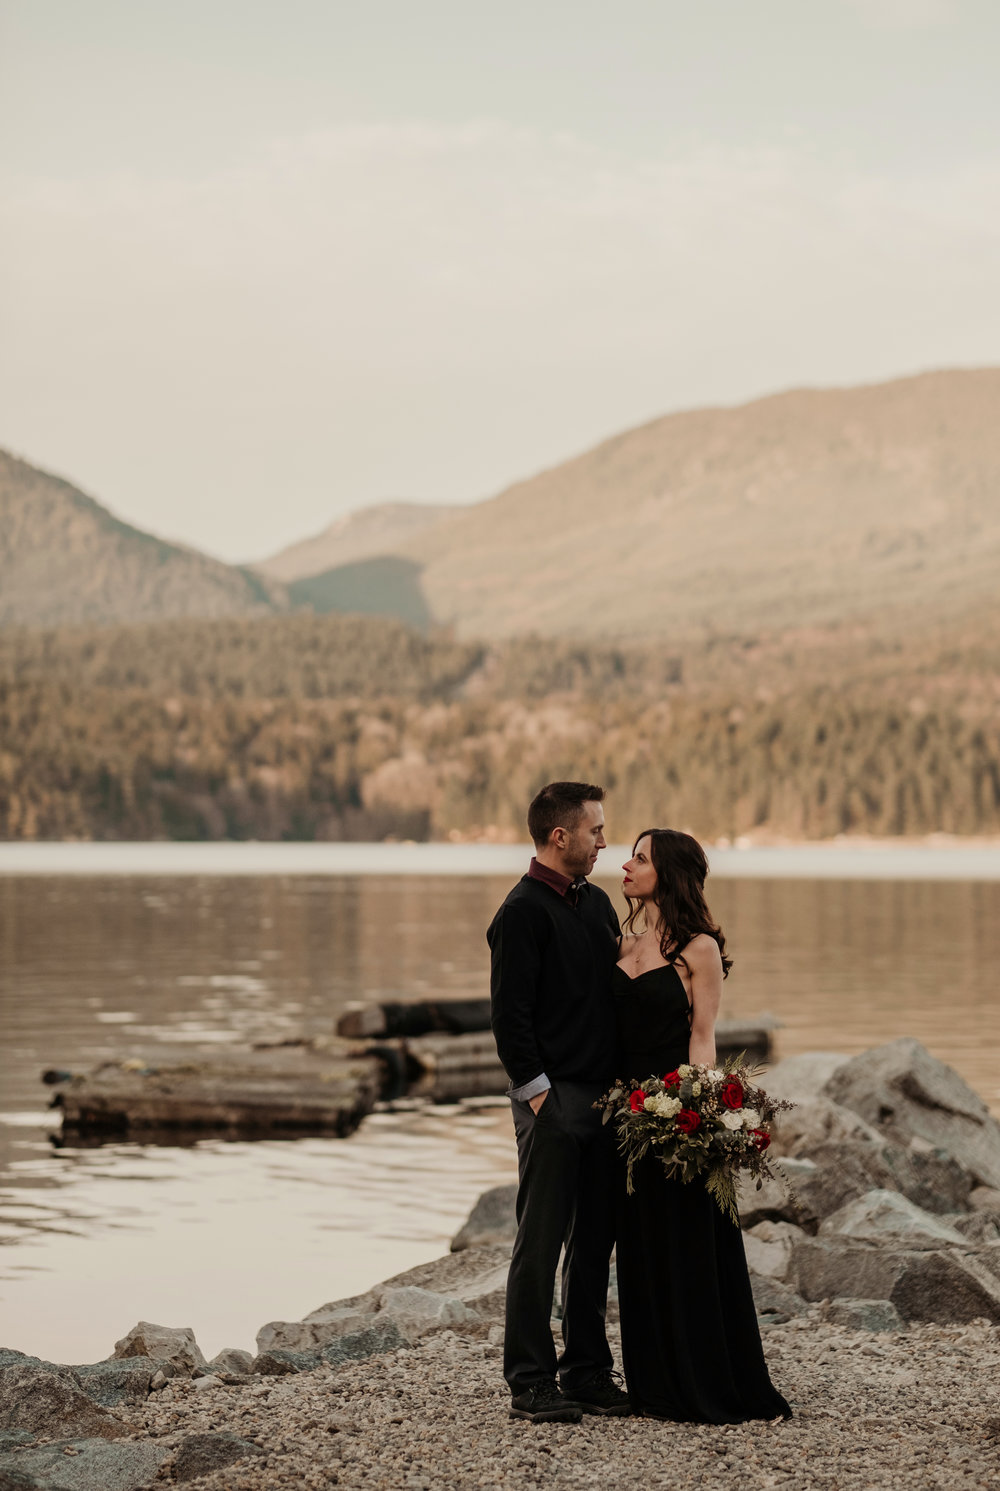 Sunshine Coast Engagement Photos - Sunshine Coast Wedding Photographer - Vancouver Wedding Photographe336r .JPG